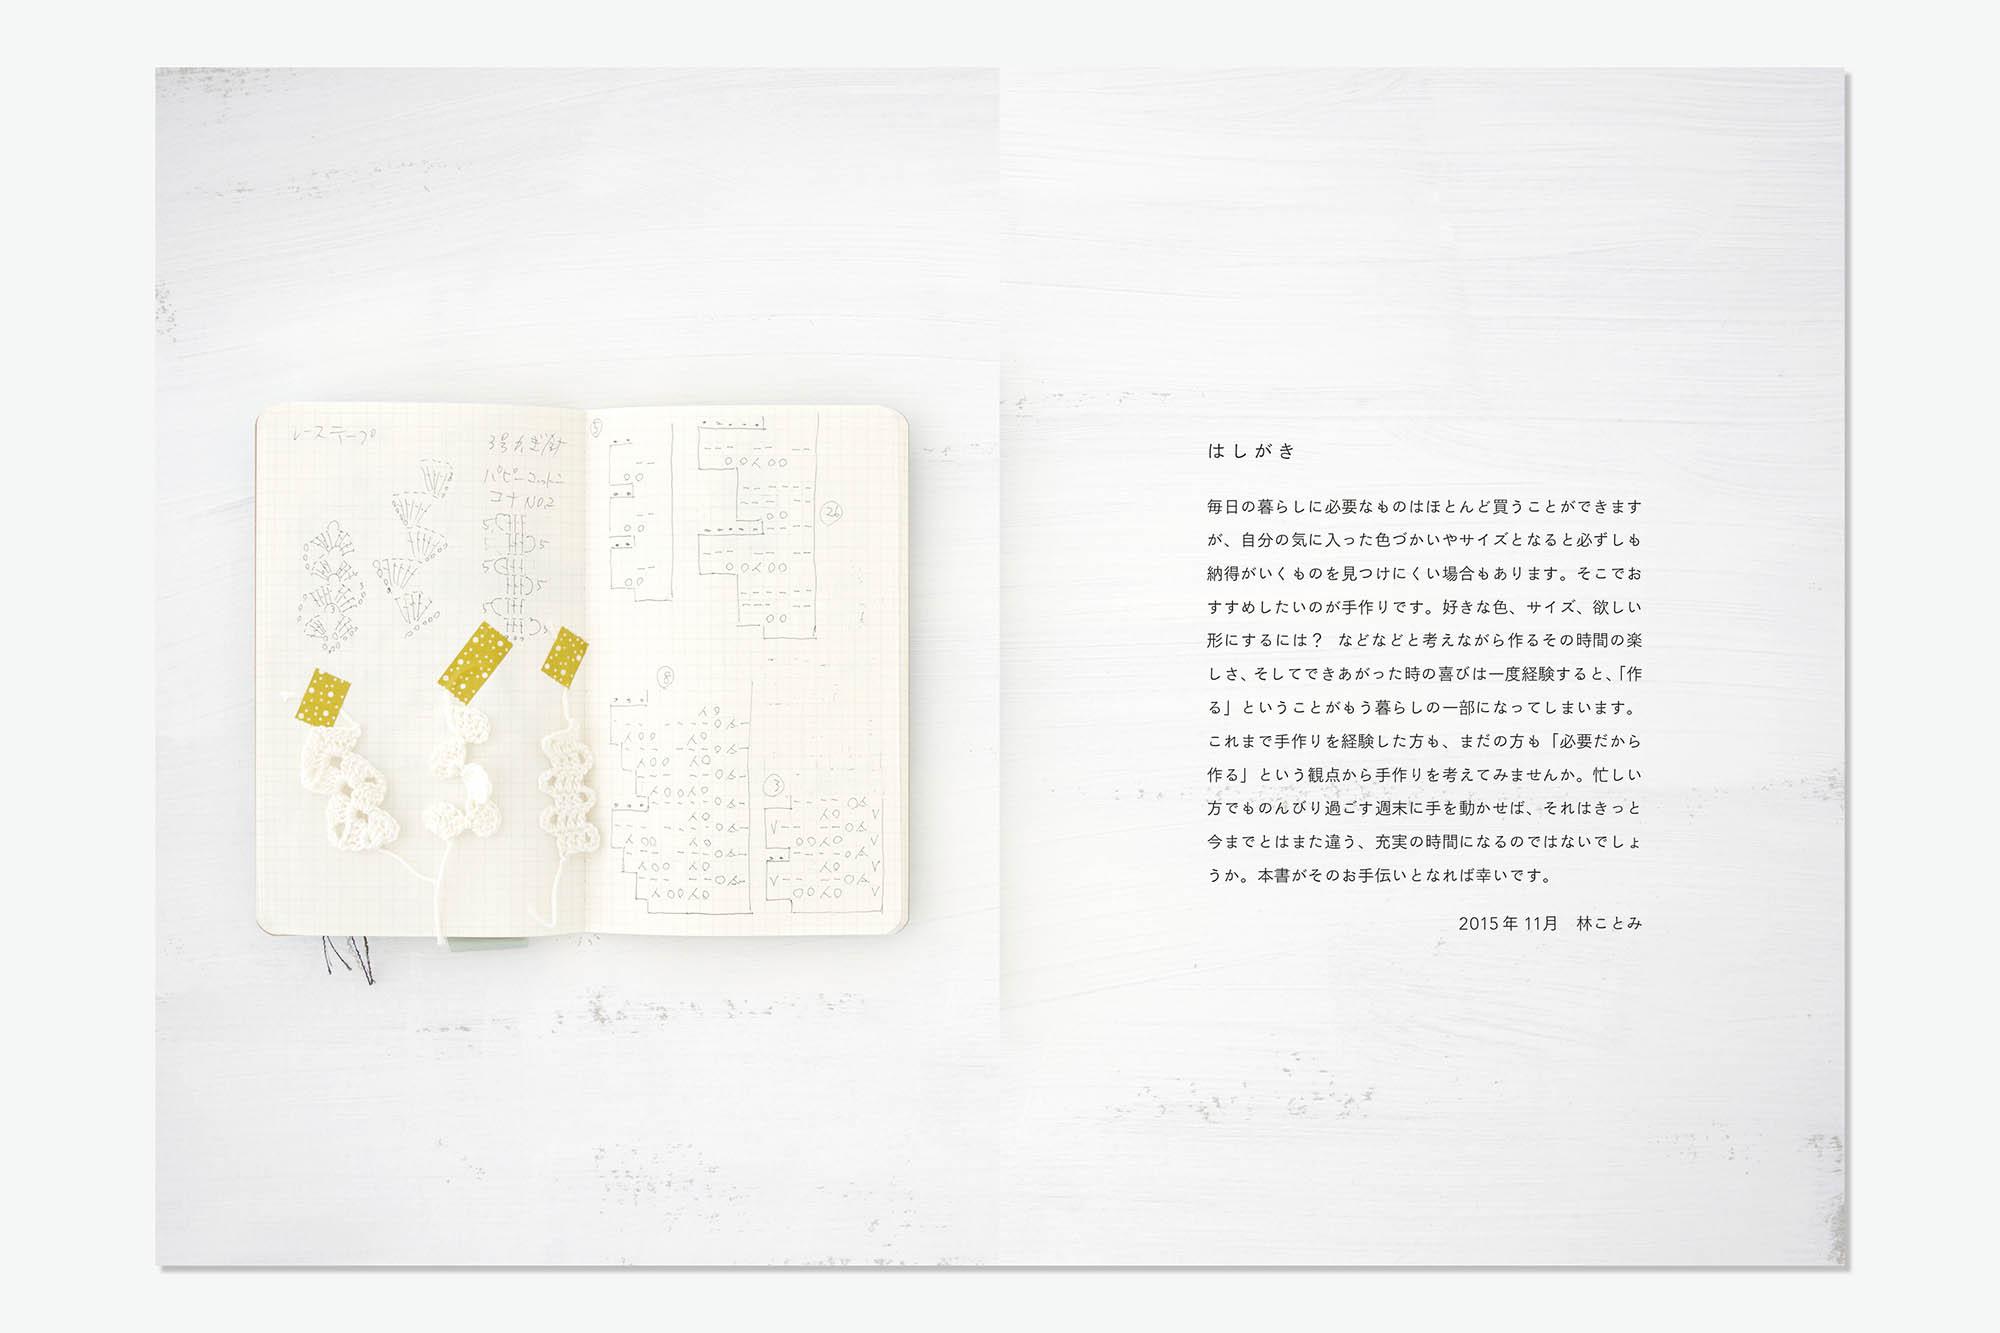 週末編み物計画 装幀 デザイン 中面 イントロダクション